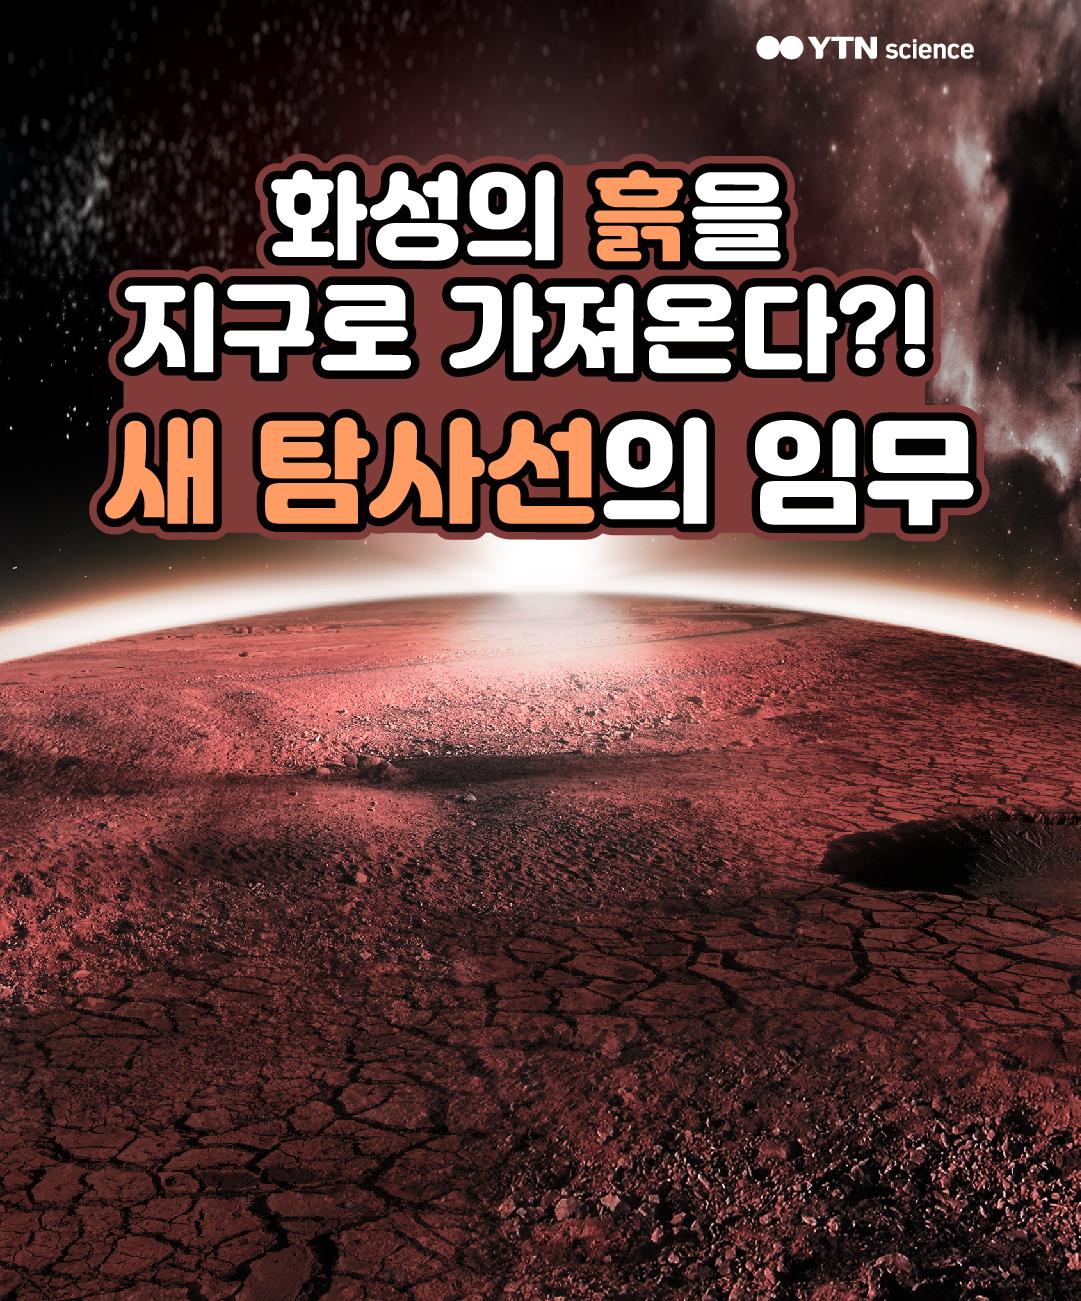 화성의 흙을 지구로 가져온다?! 새 탐사선의 임무 이미지